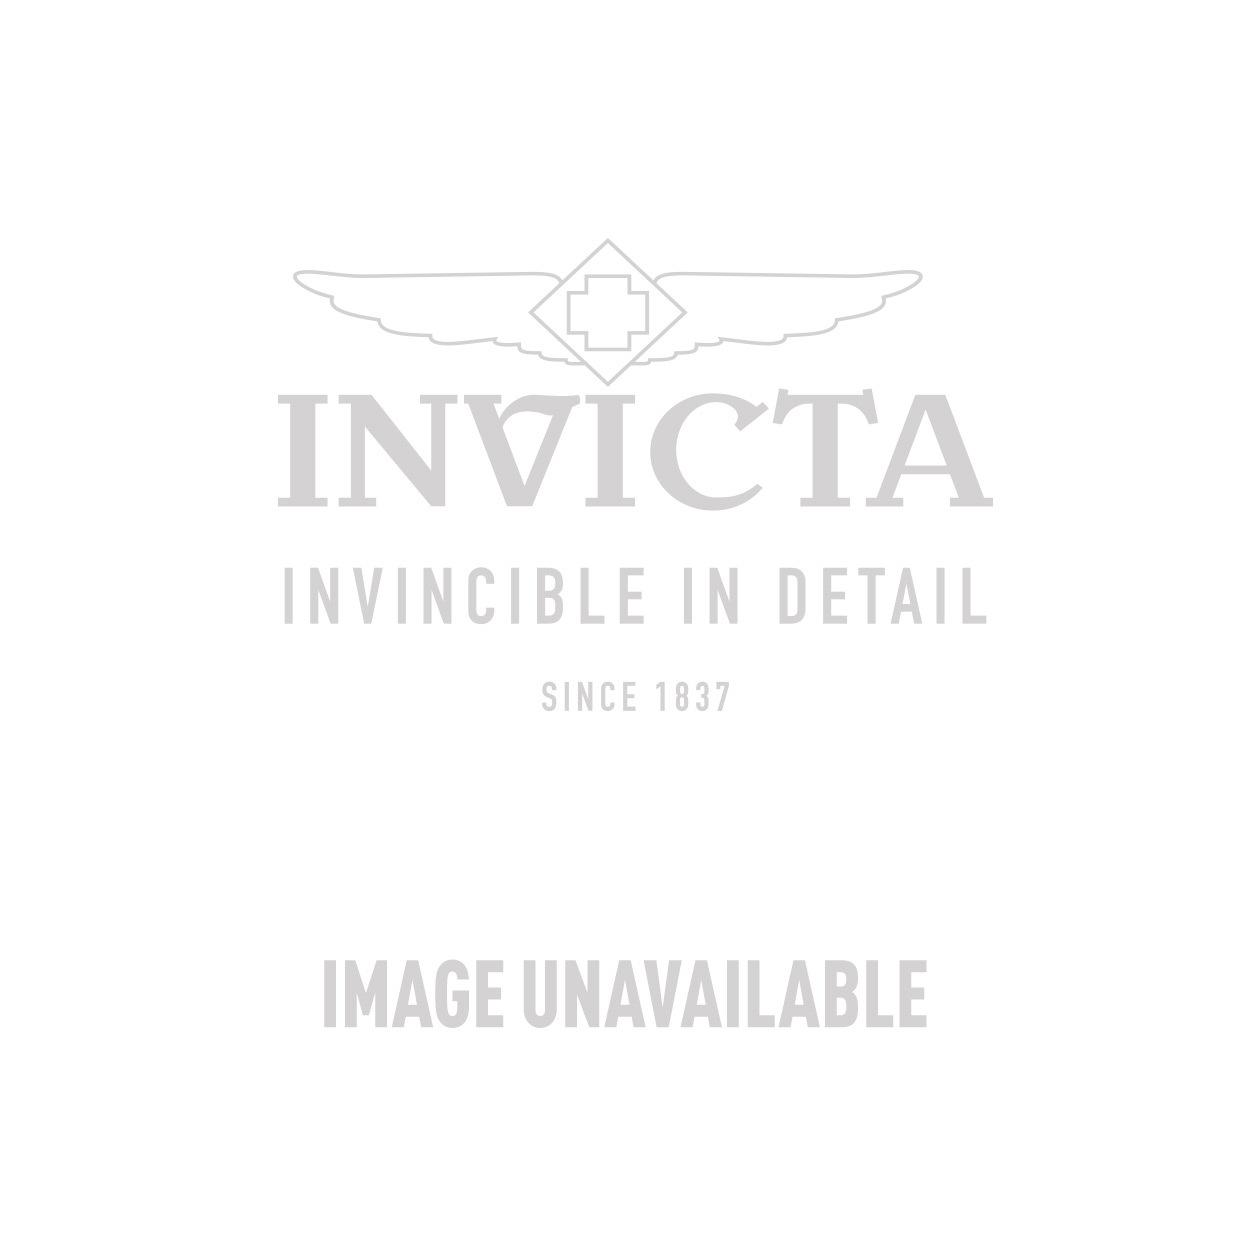 Invicta Model 25872